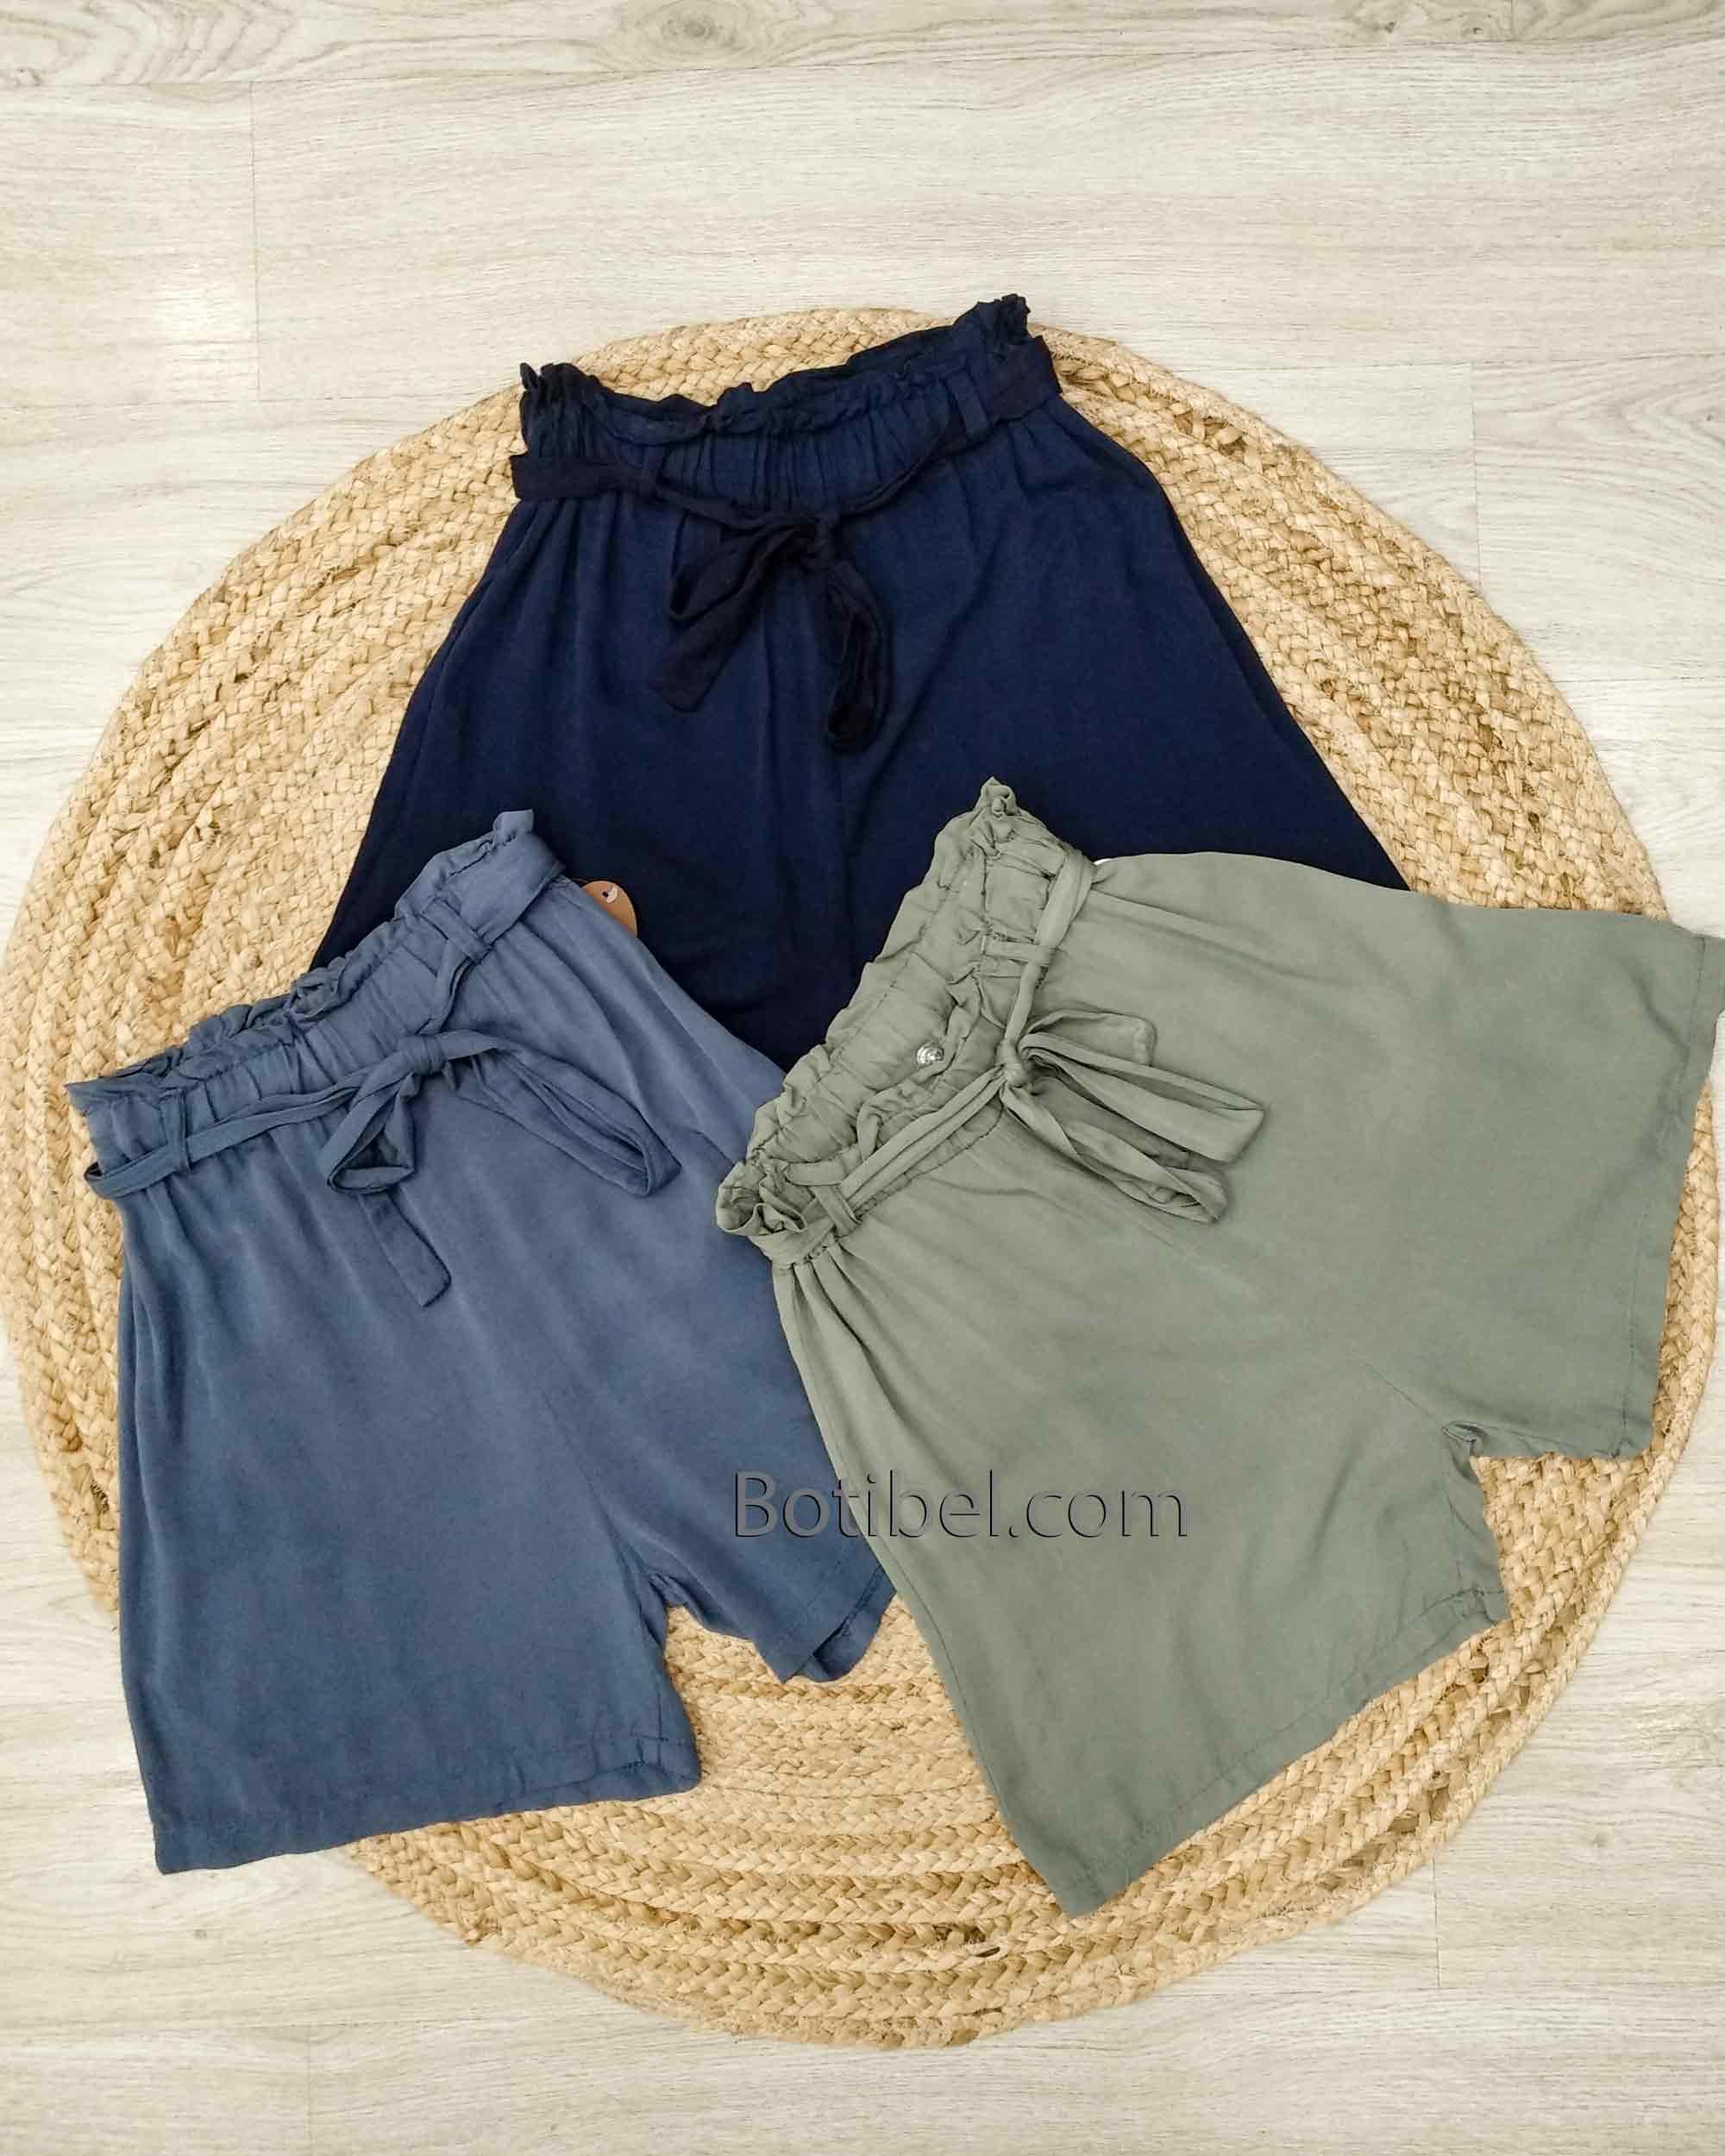 Pantalones Colores Cortos Tiro Alto Fluidos Suelto Cintura Engomada Anchos Mujer Botibel Com